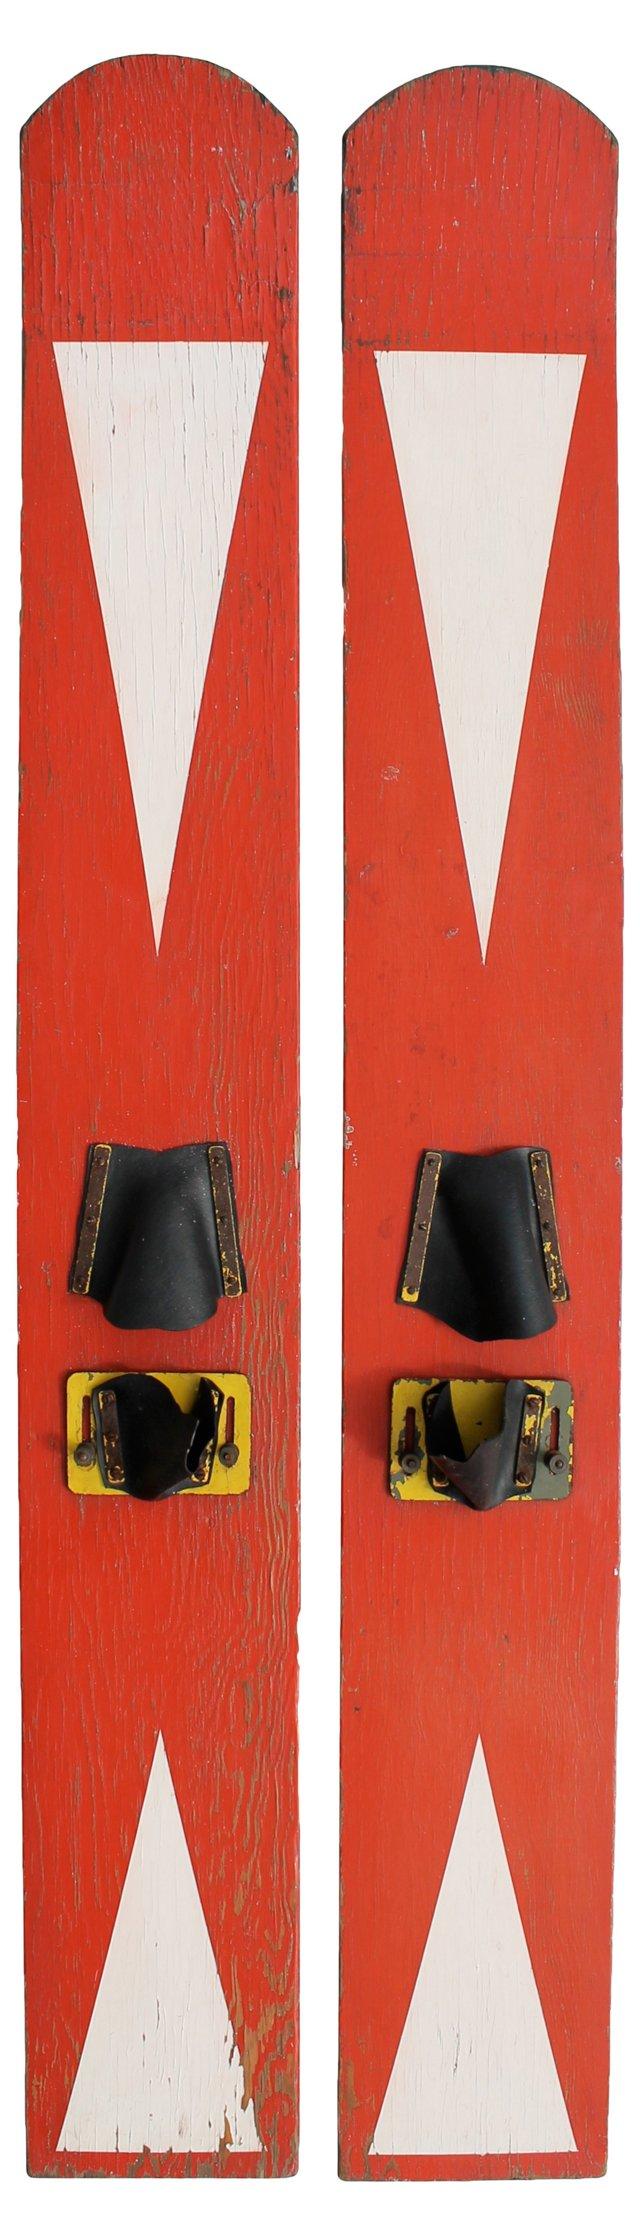 Vintage Water Skis, Pair